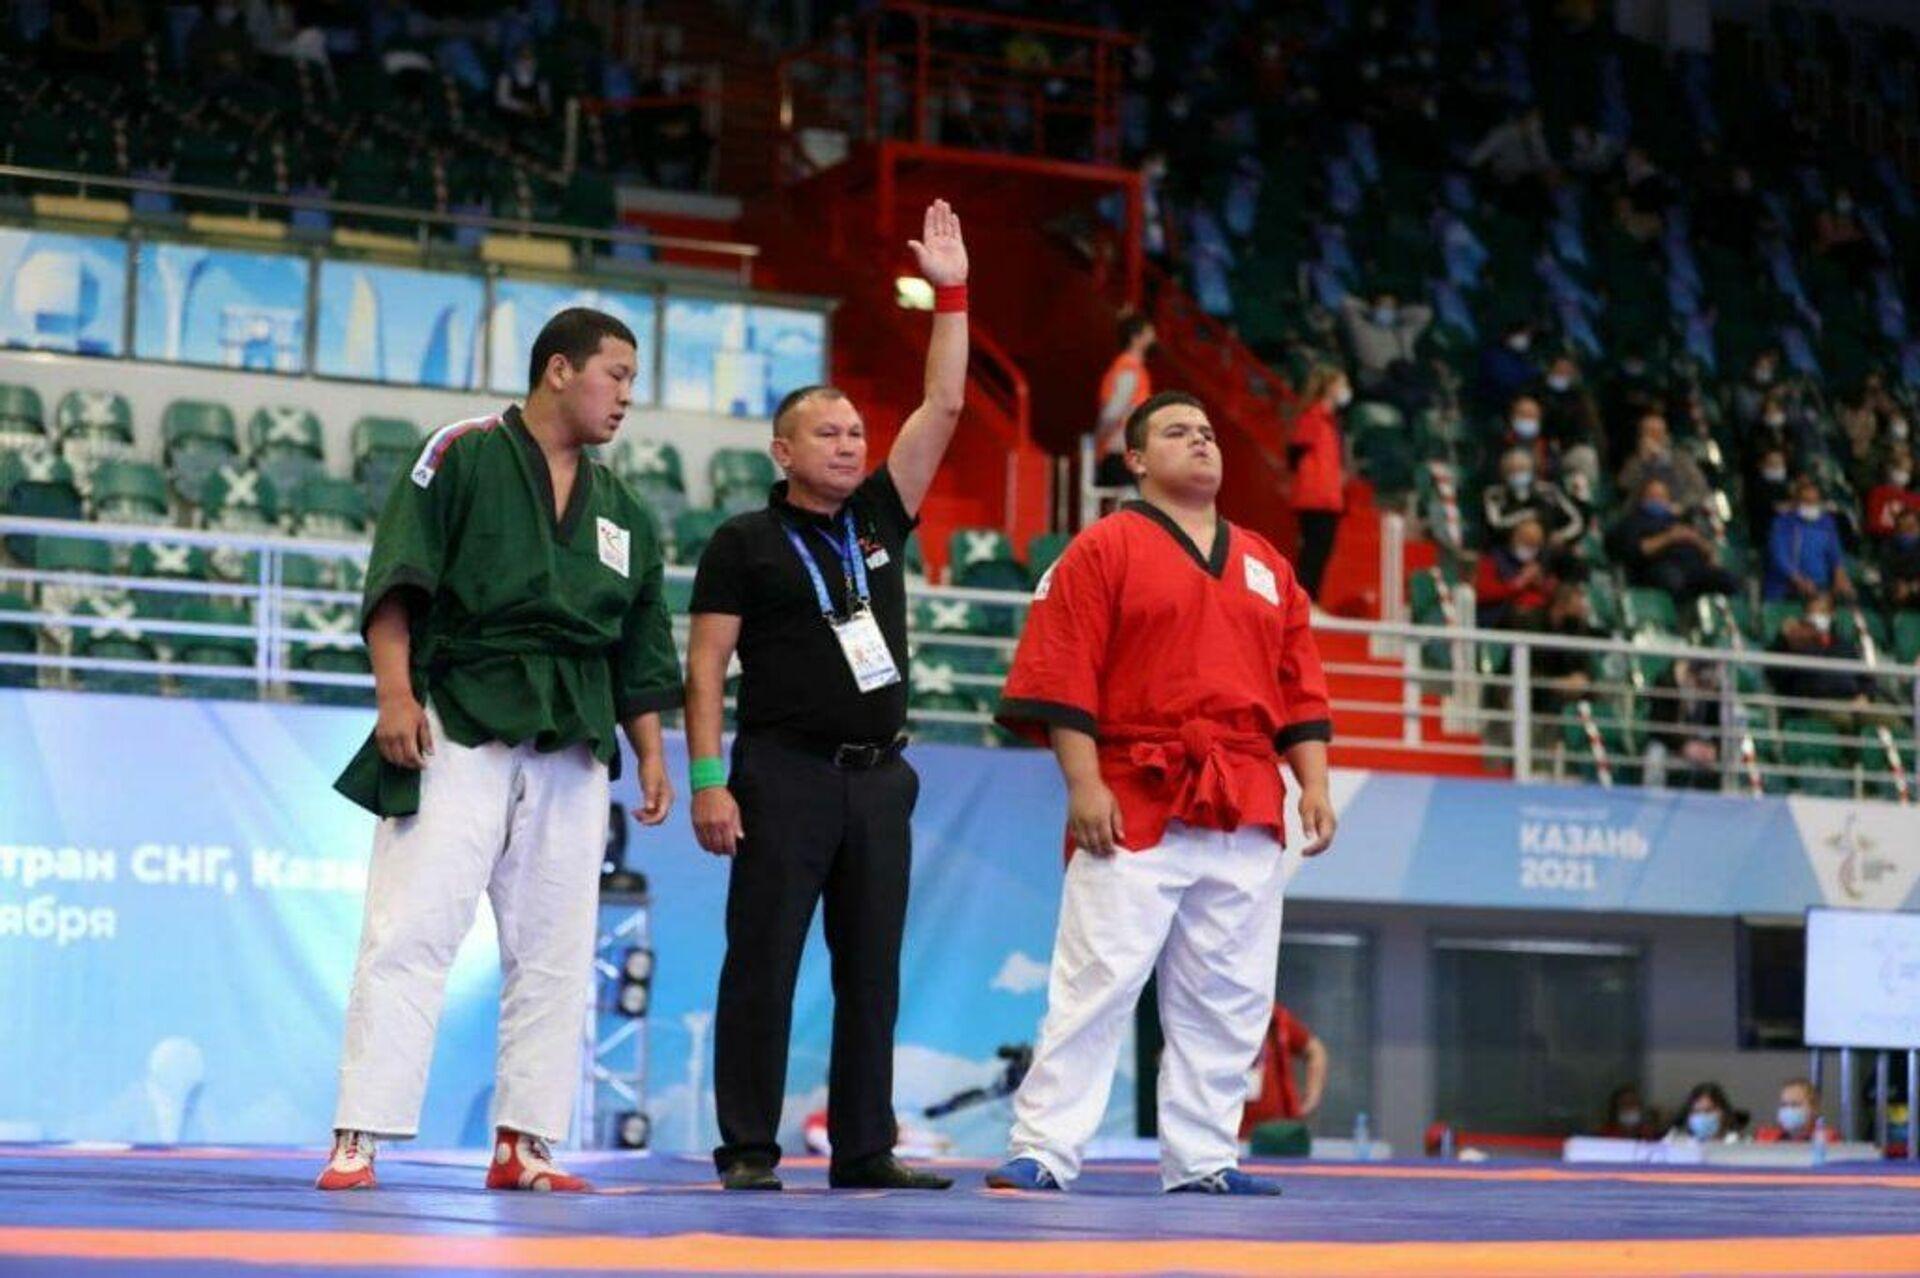 Игры СНГ: в копилке делегации Узбекистана стало 47 медалей - Sputnik Узбекистан, 1920, 07.09.2021